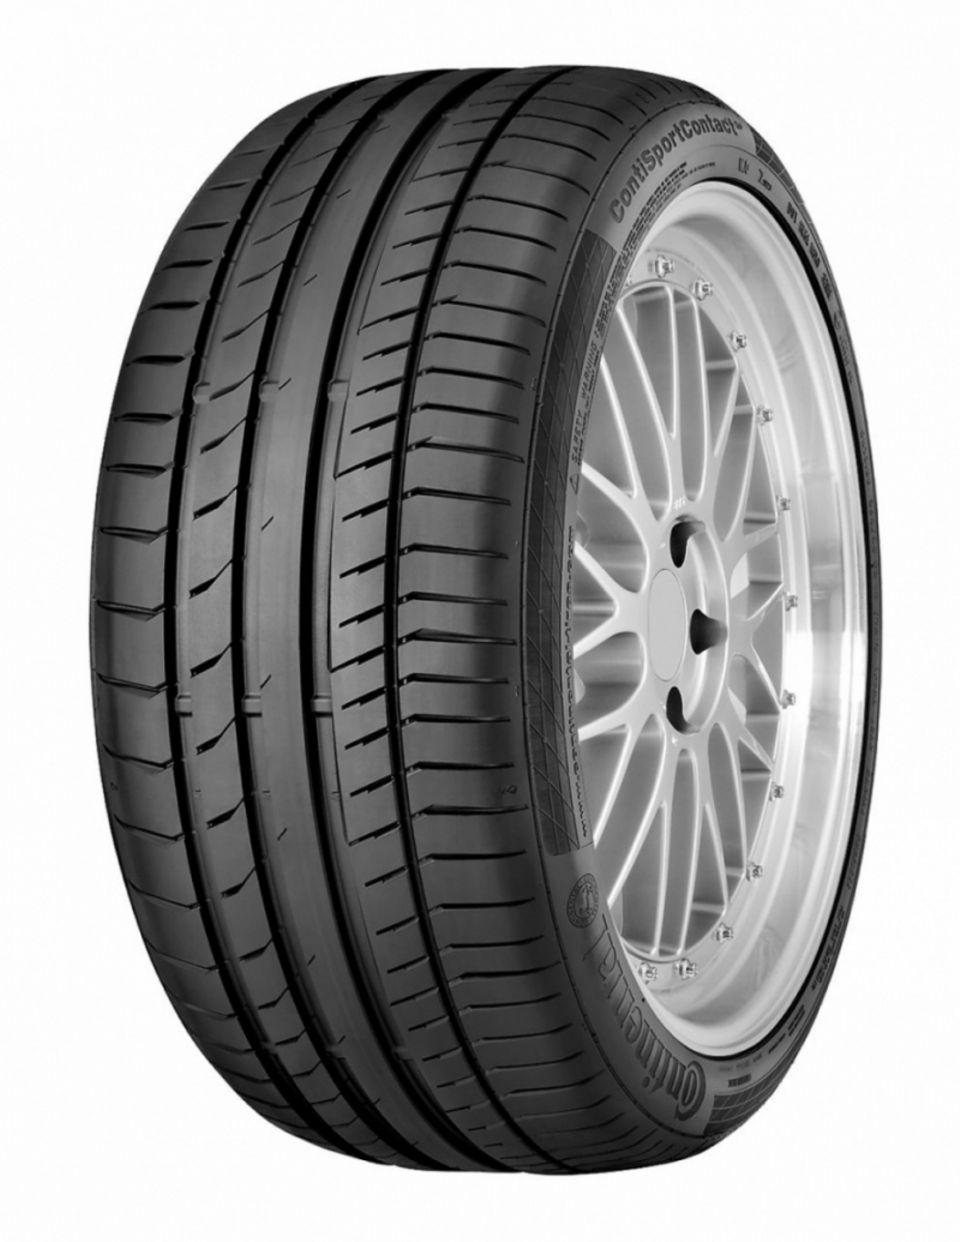 """Selbst das """"schwarze Gold"""", die Continental Reifen sind vor dem Kahlschlag nicht sicher"""